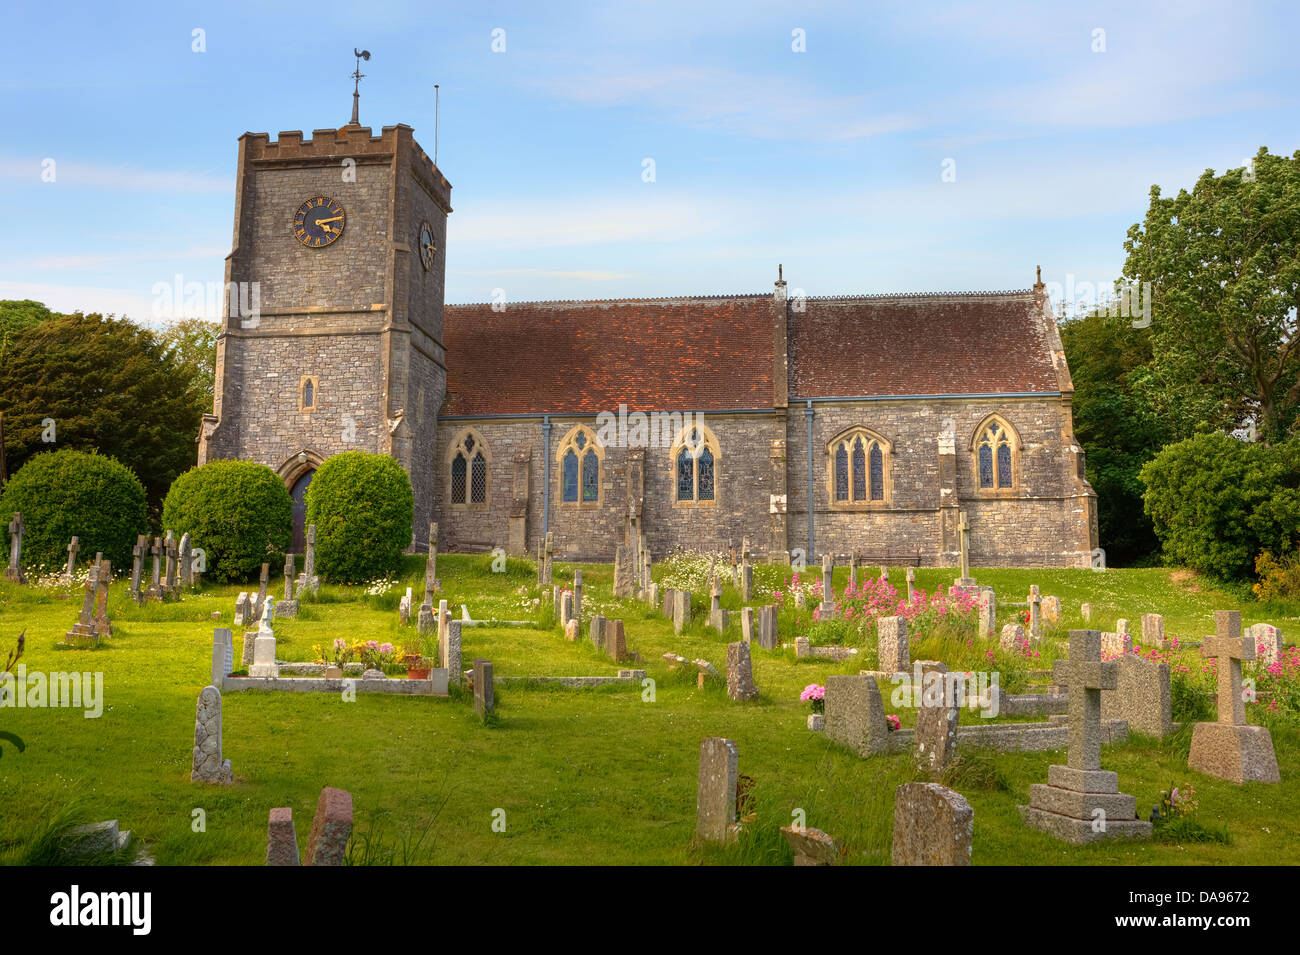 Église paroissiale de Sainte Trinité, Lulworth Ouest, Dorset, Royaume-Uni Photo Stock